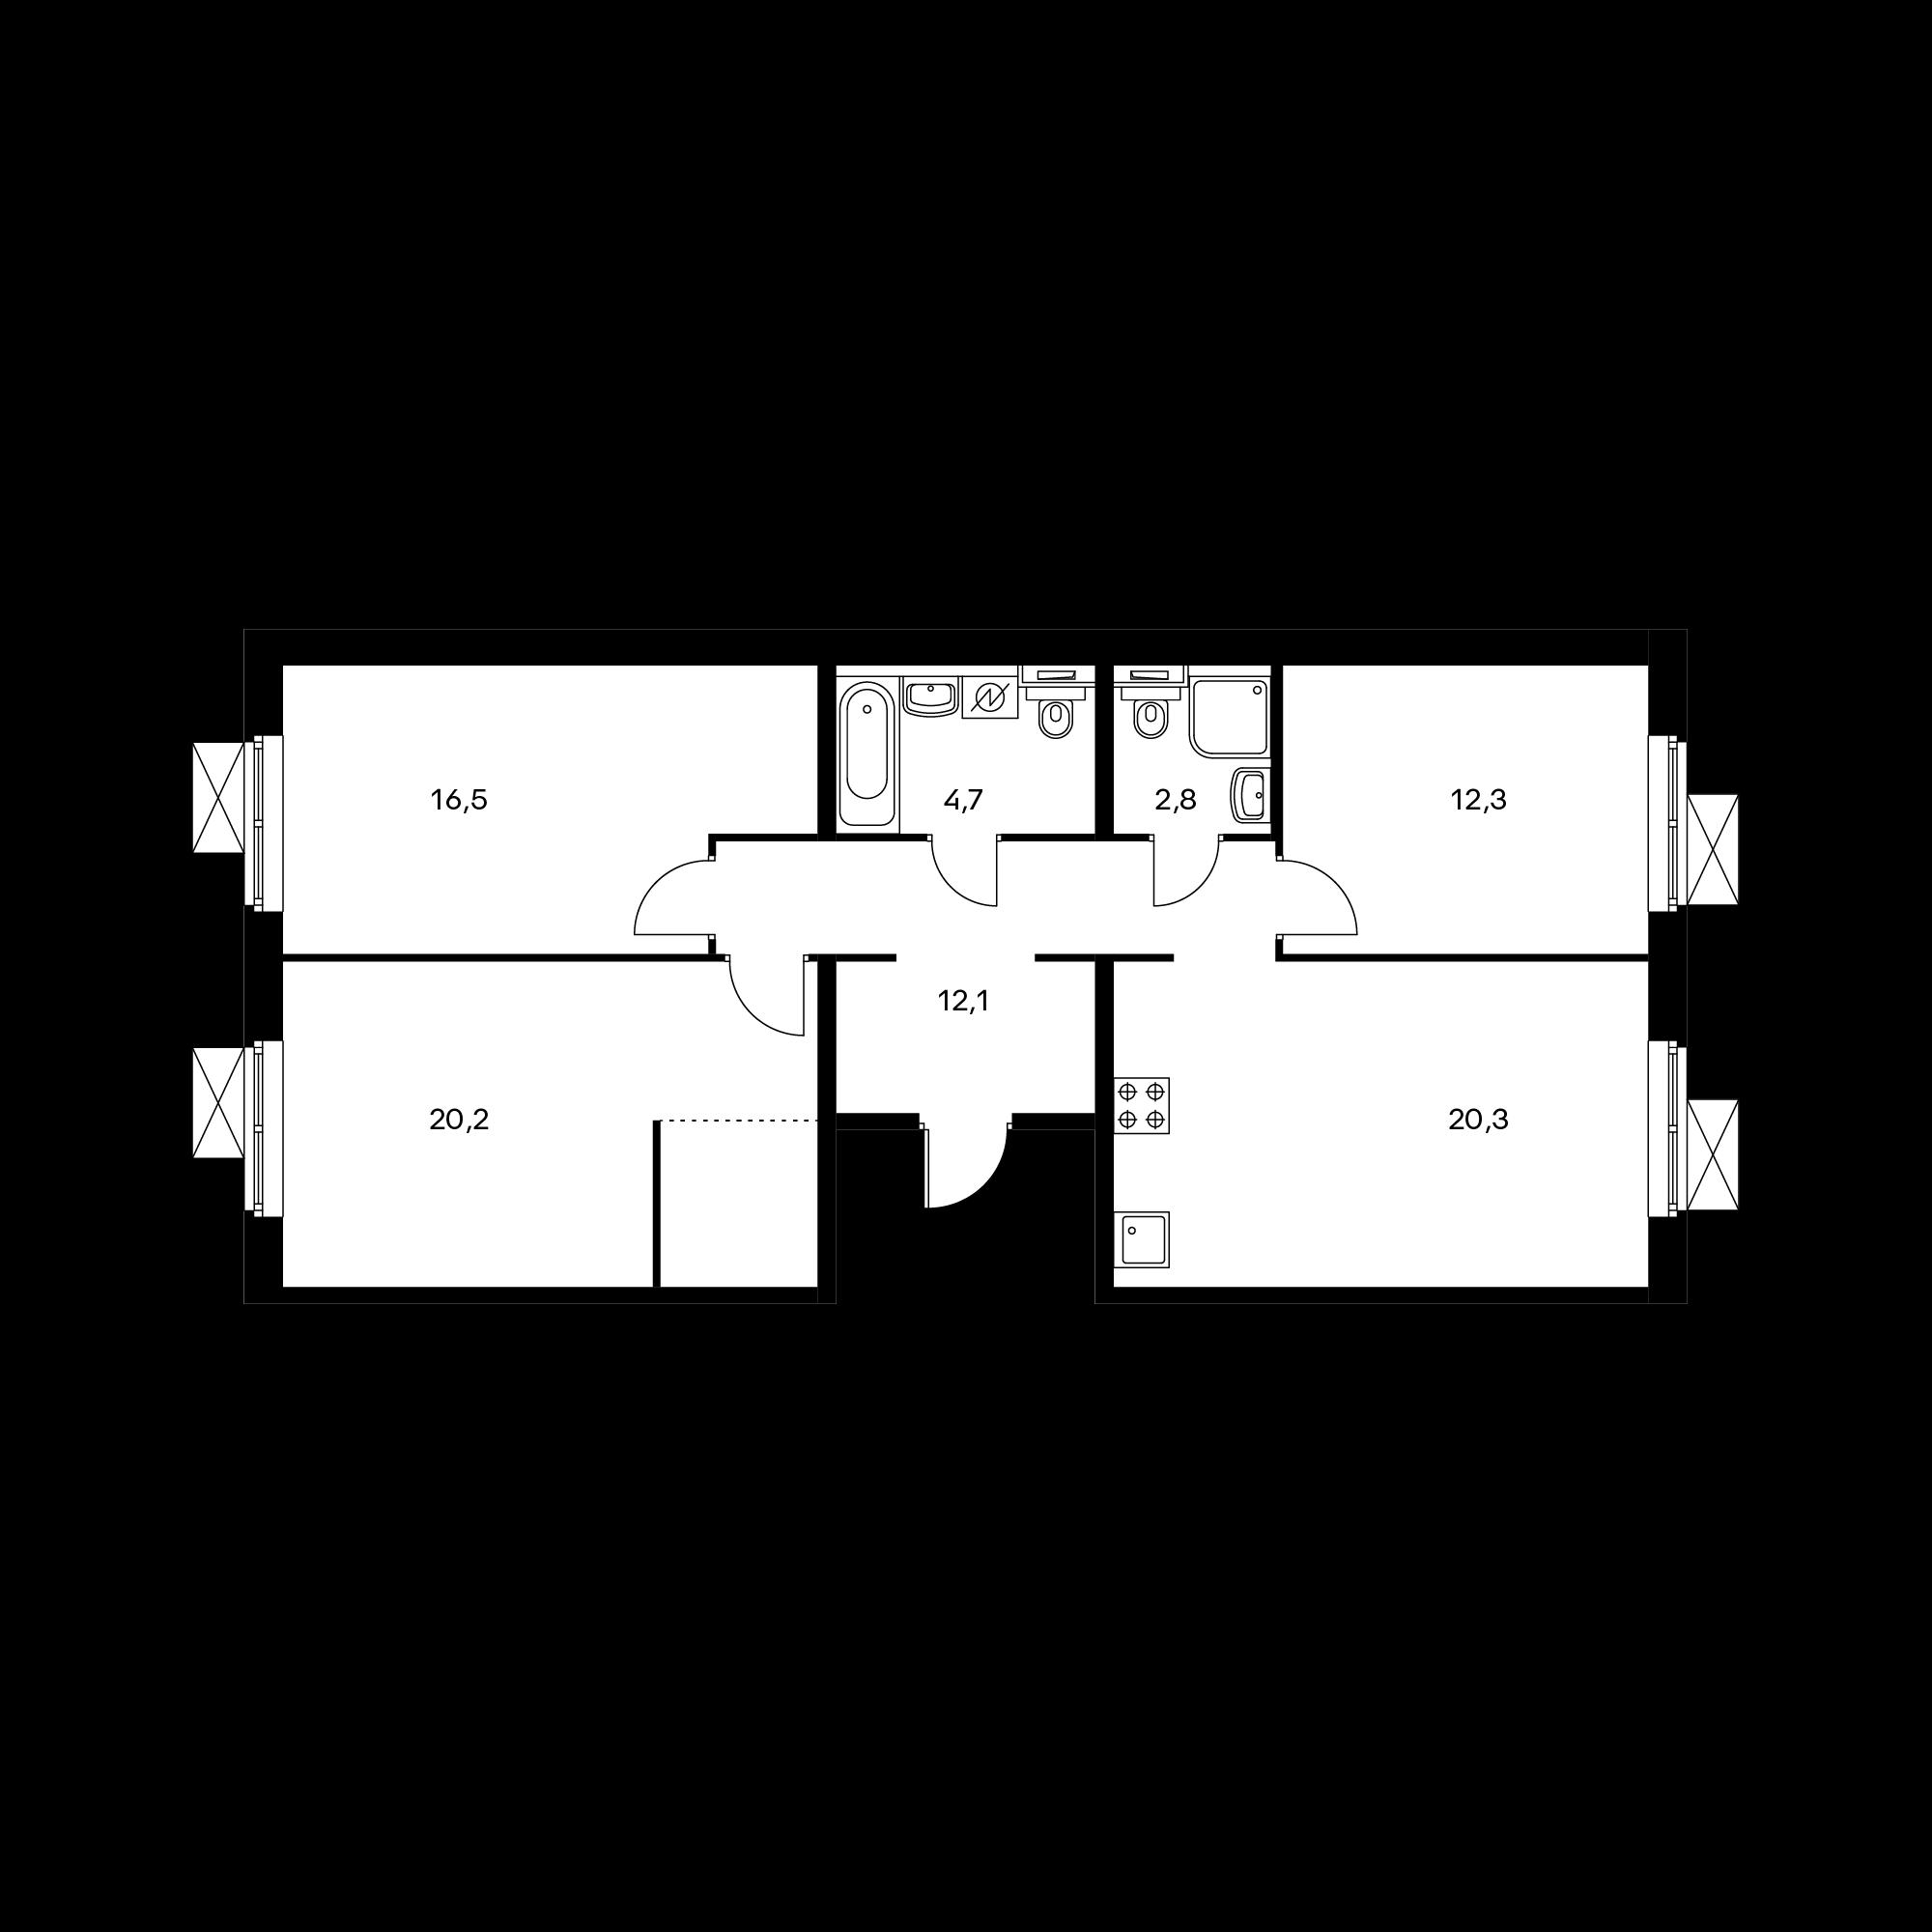 3EL5_6.9-1_S_A